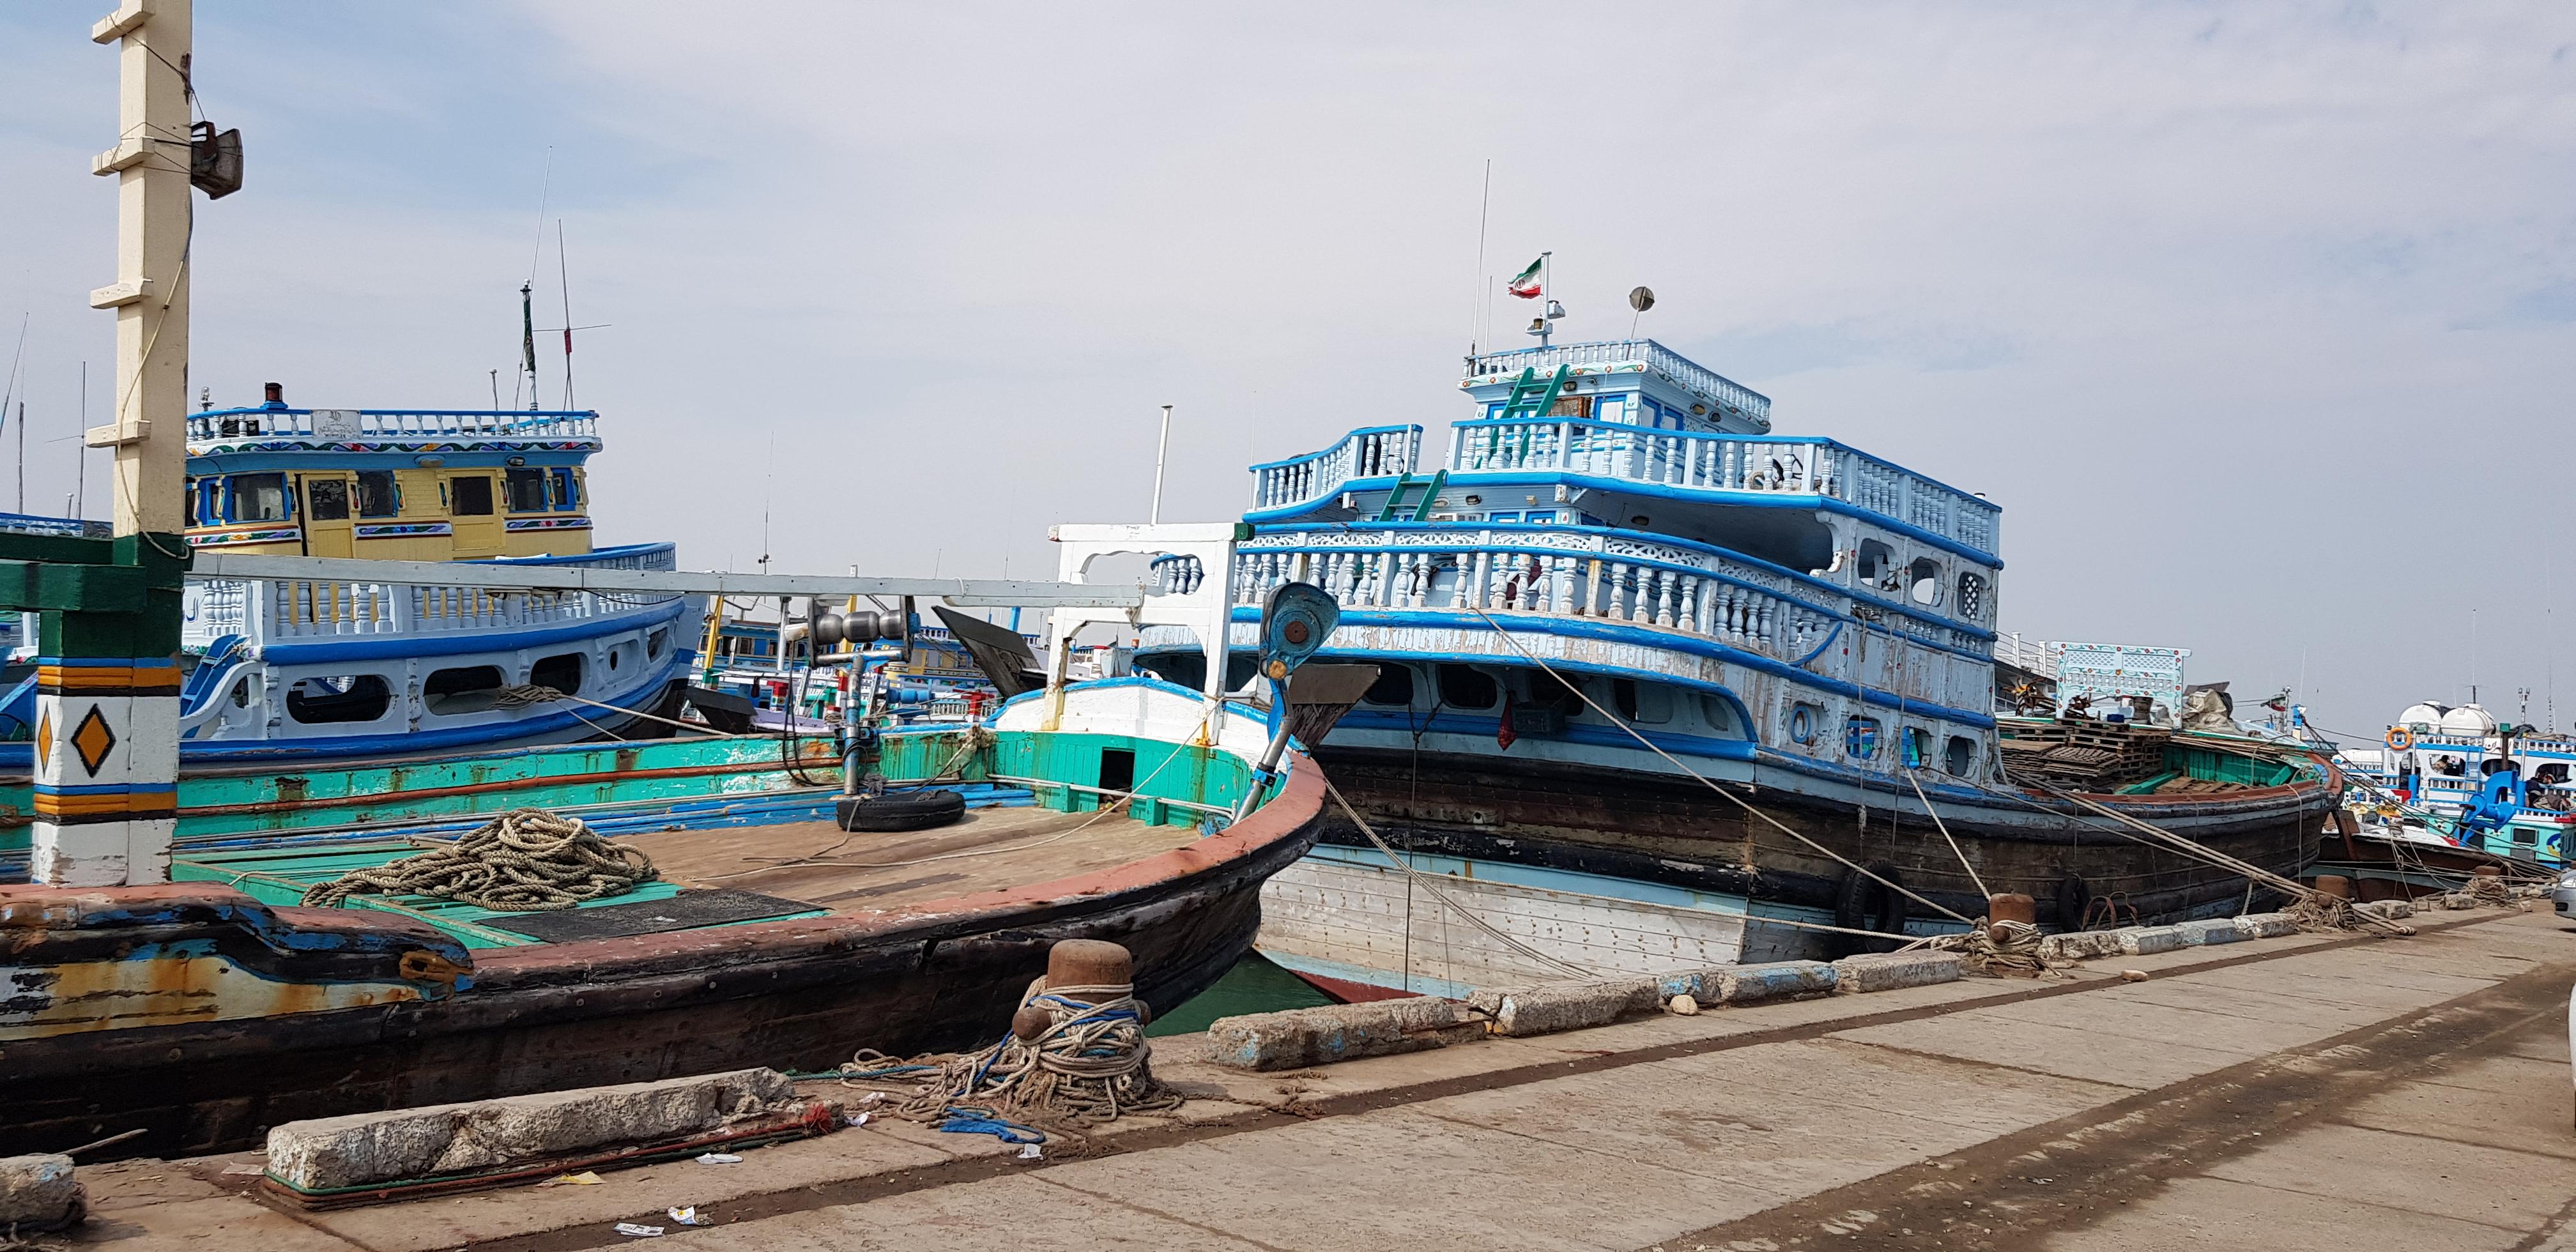 Abilità tradizionali di costruzione e navigazione delle barche Iraniane di Lenj nel Golfo Persico